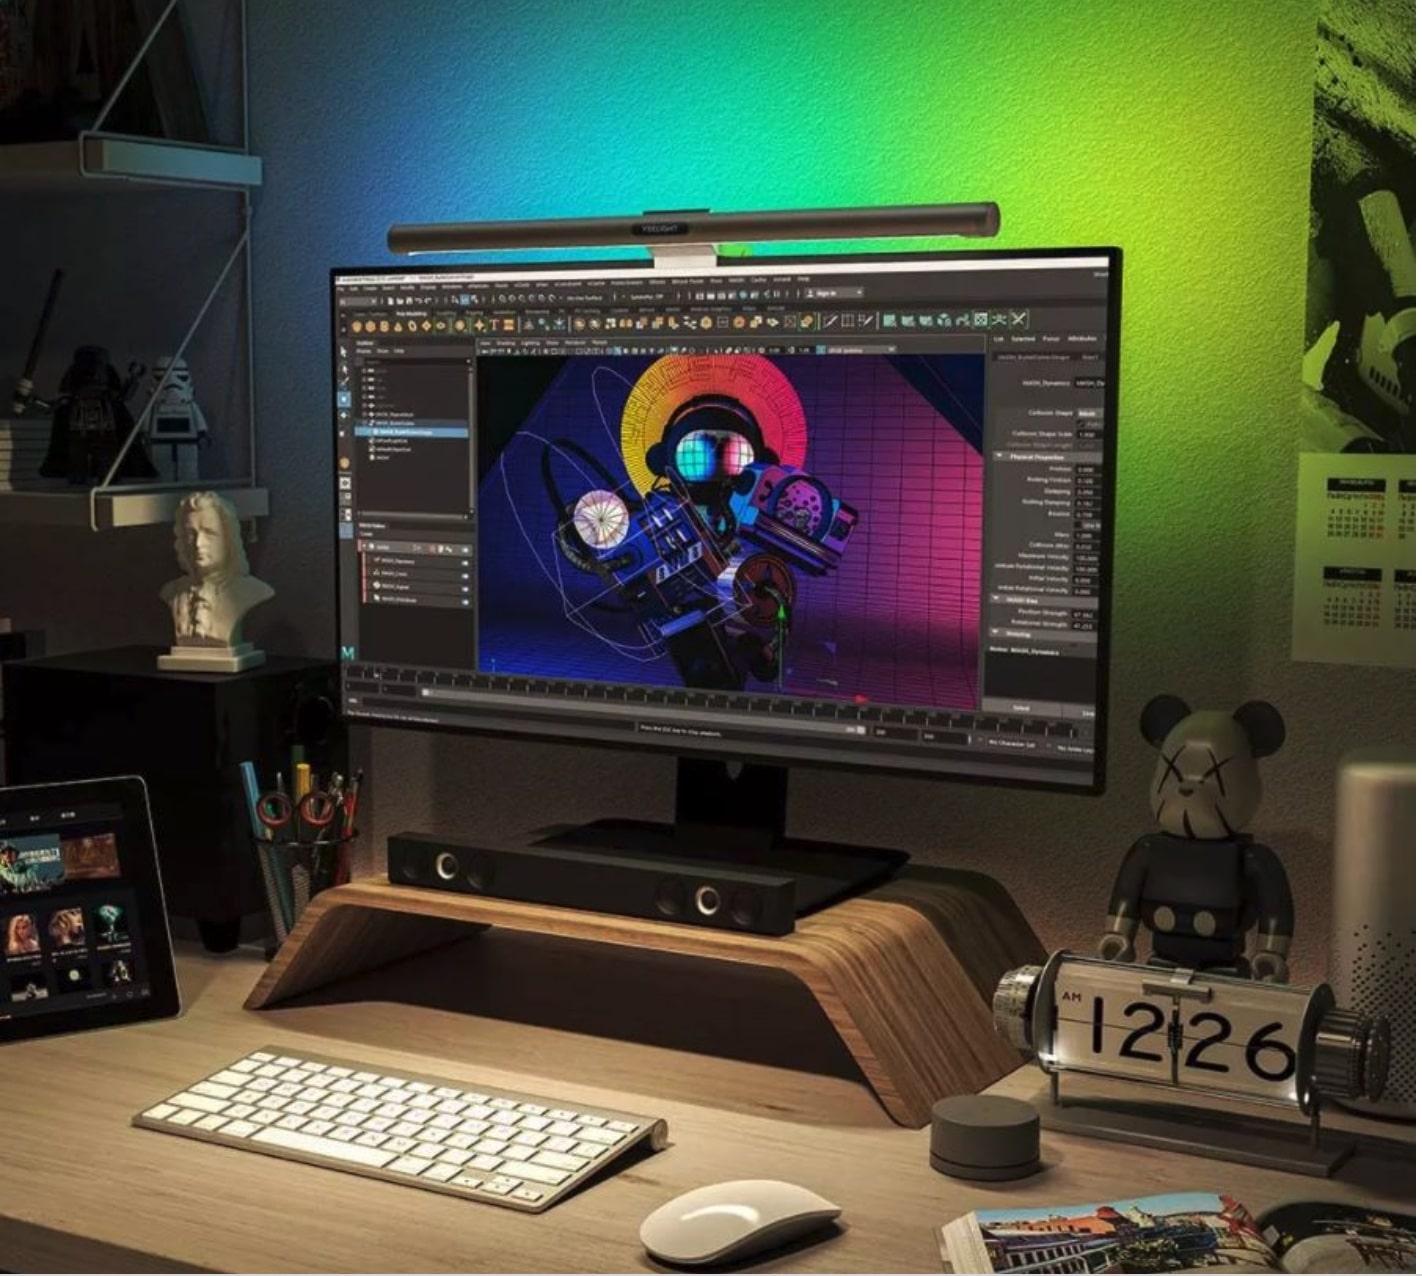 Die besondere Eigenschaft der Lampe besteht darin, dass die 80 LEDs an der Vorderseite mit weißem Licht den Arbeitsplatz beleuchten und die hinteren 40 LEDs für eine farbige, indirekte Beleuchtung sorgen. Beim vorderen Monitorlicht lässt sich Helligkeit und Farbtemperatur einstellen und bei dem Atmosphärenlicht kann man zusätzlich die Farbe des Lichts ändern. Die Einstellungen lassen sich alle in der App vornehmen. Die Screenbar lässt sich um 25 Grad neigen, achtet darauf, dass kein Licht auf euren Monitor oder in eure Augen scheint.